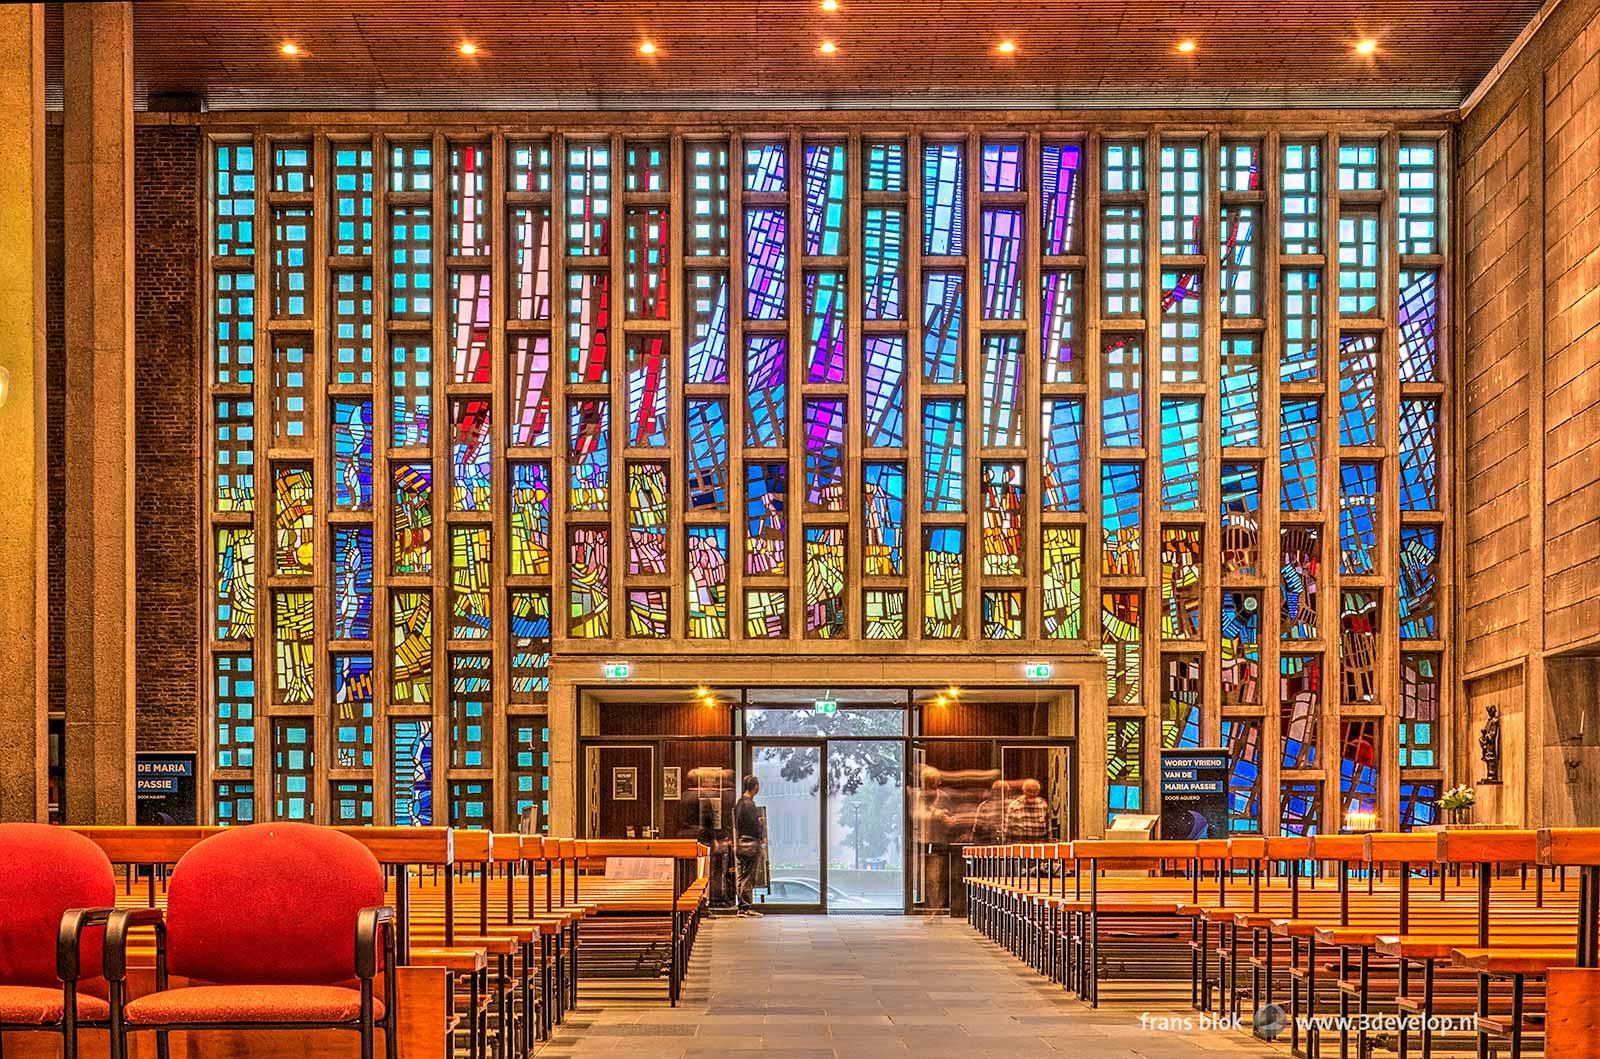 Glas-in-loodramen in de voorgevel van de Steigerkerk in Rotterdam tijdens de Open Monumentendag